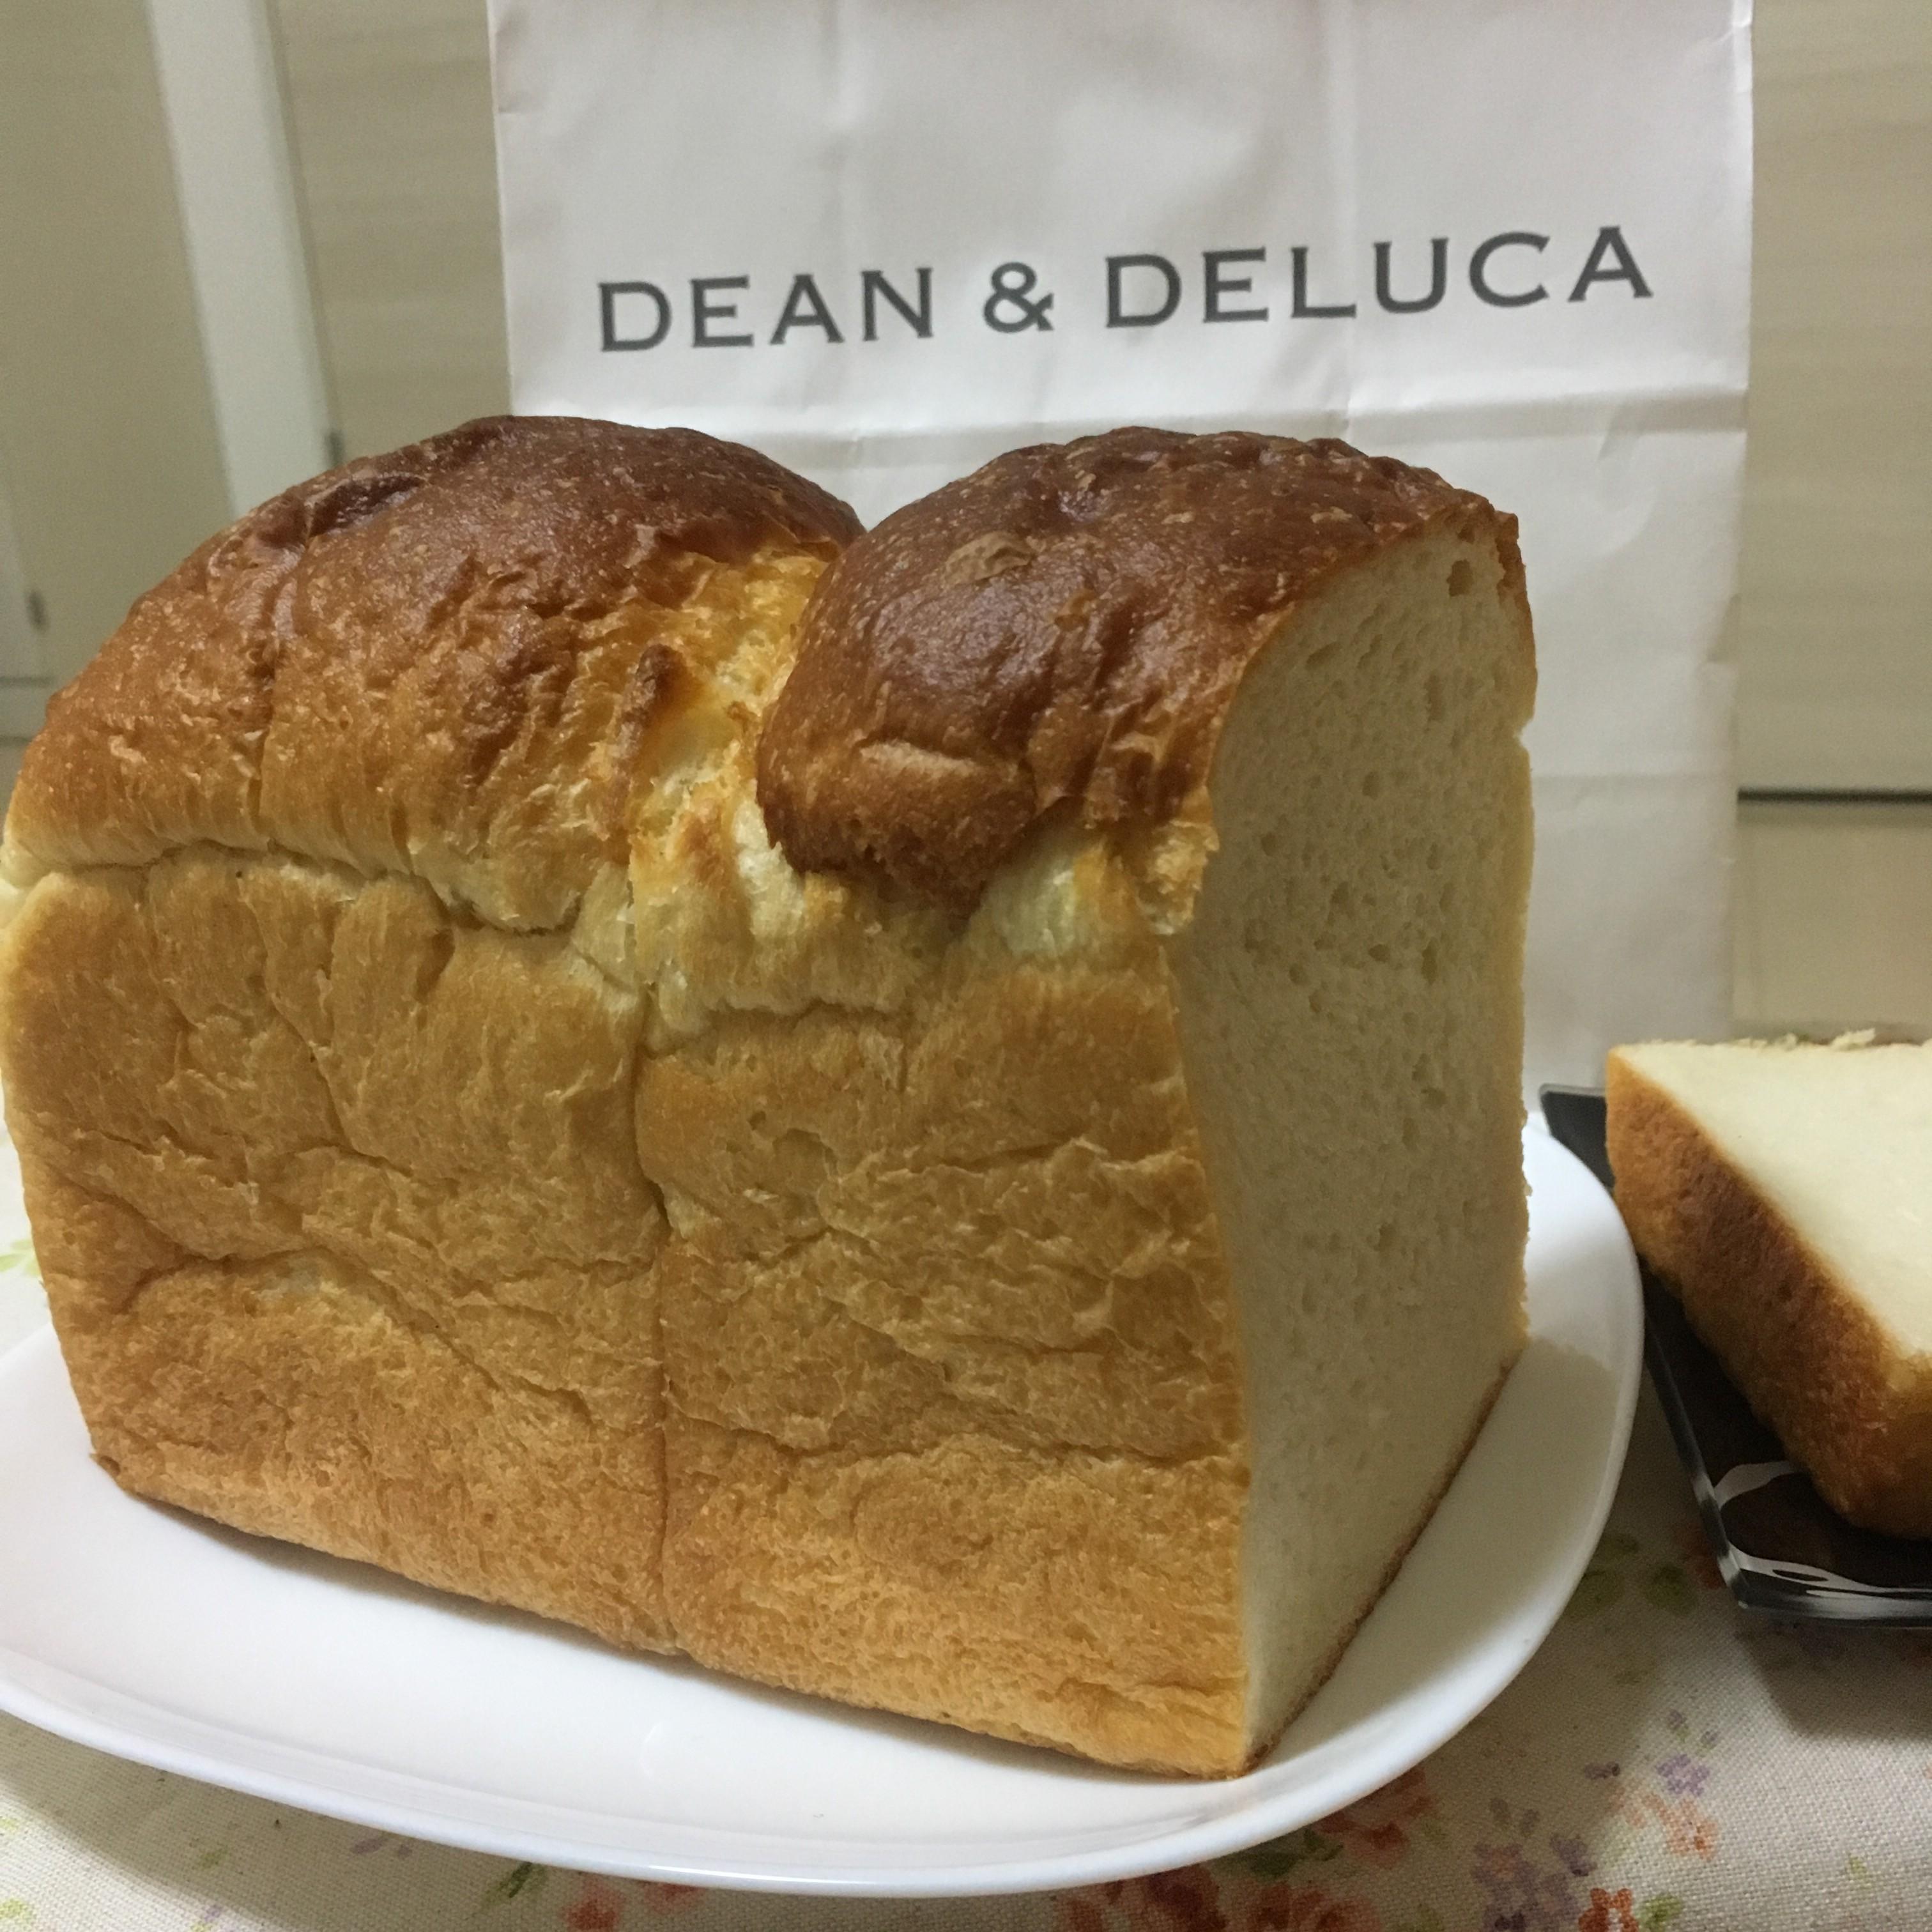 リピート食パン『DEAN&DELUCA酒粕ブレッド』風味豊かもっちり系